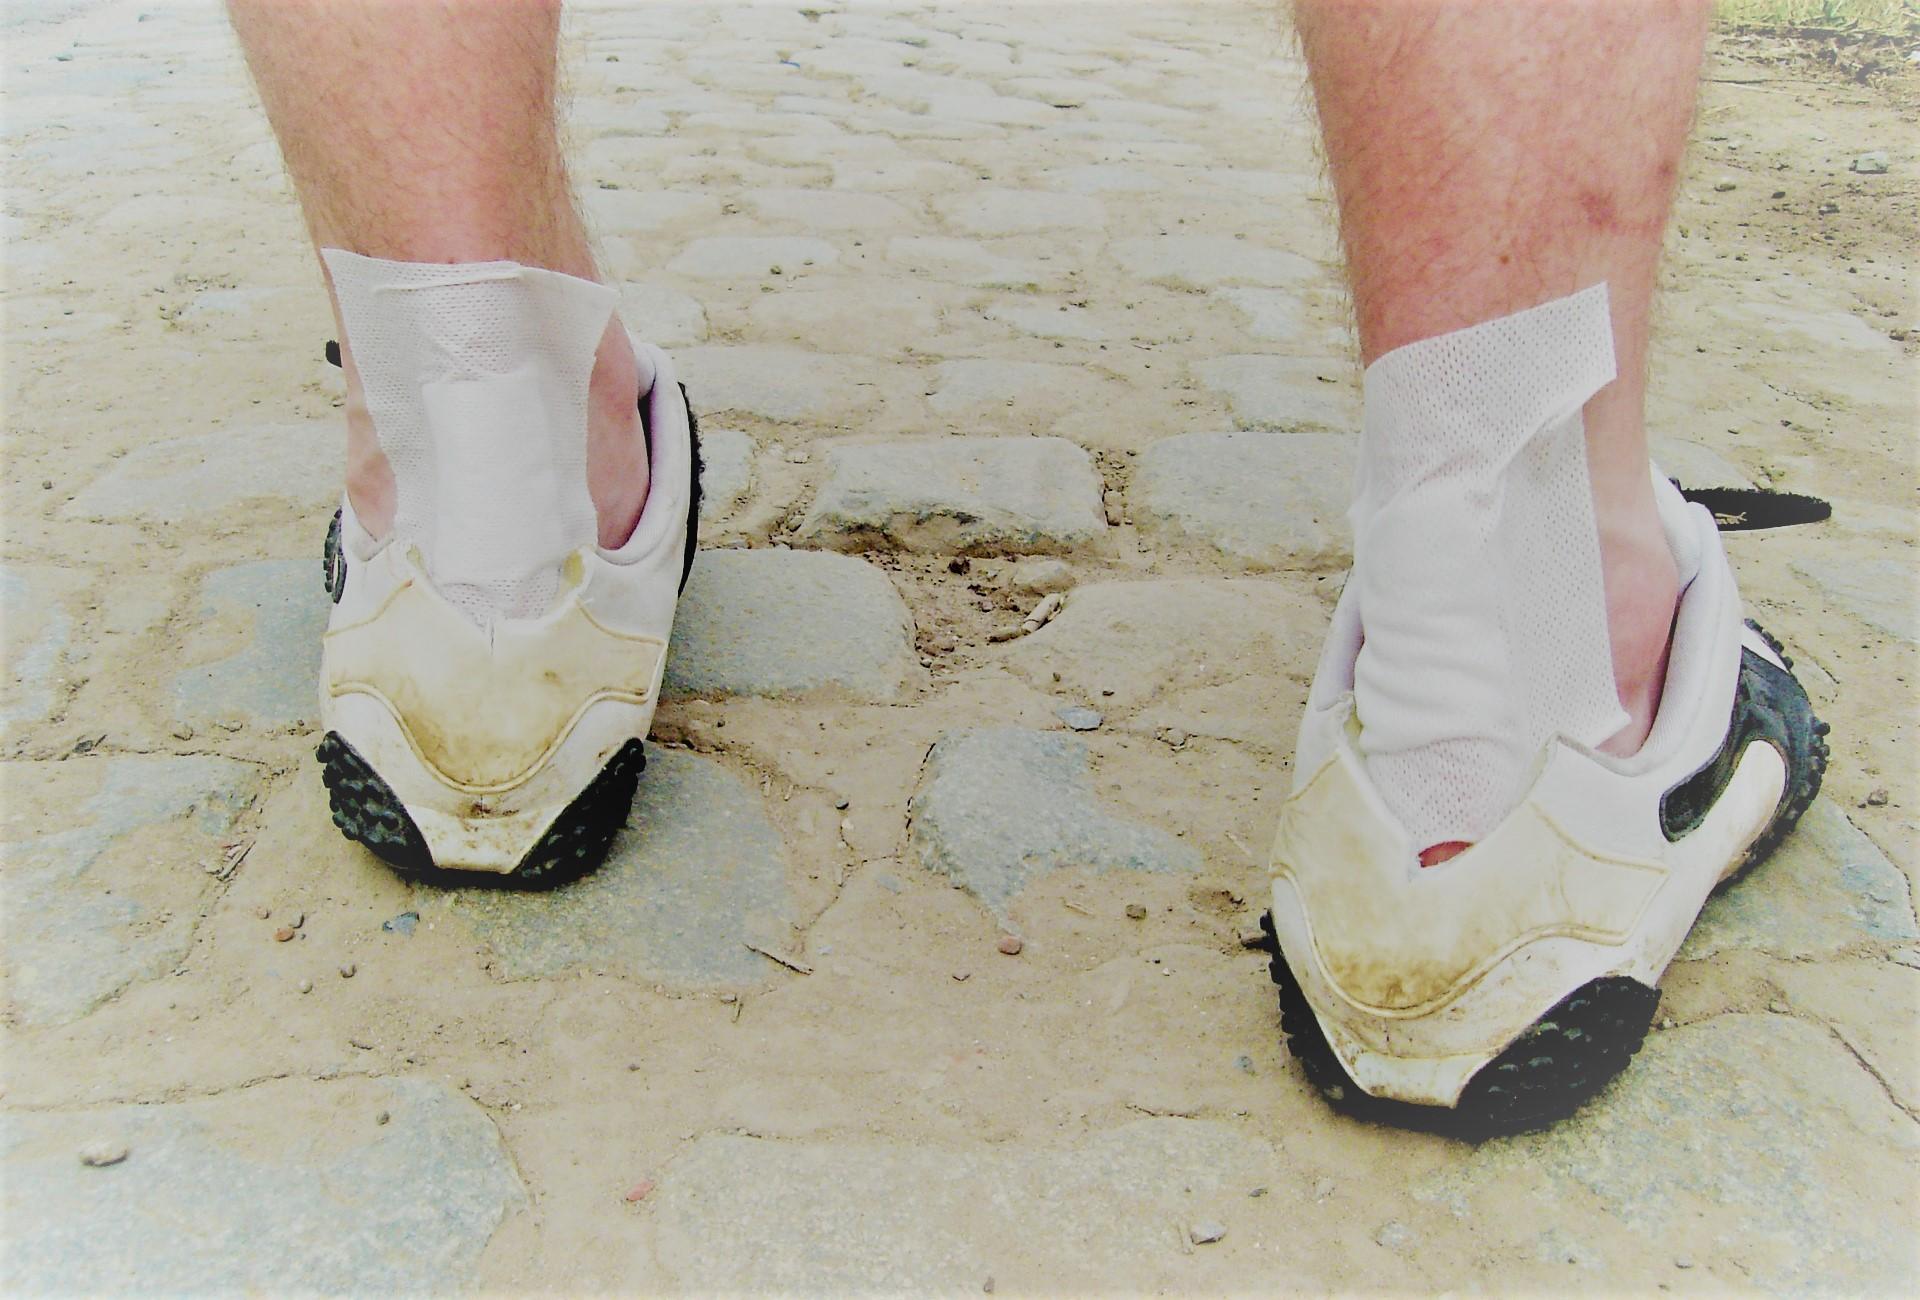 cukorbetegség esetén fáj a lábak ízületei, mit kell tenni